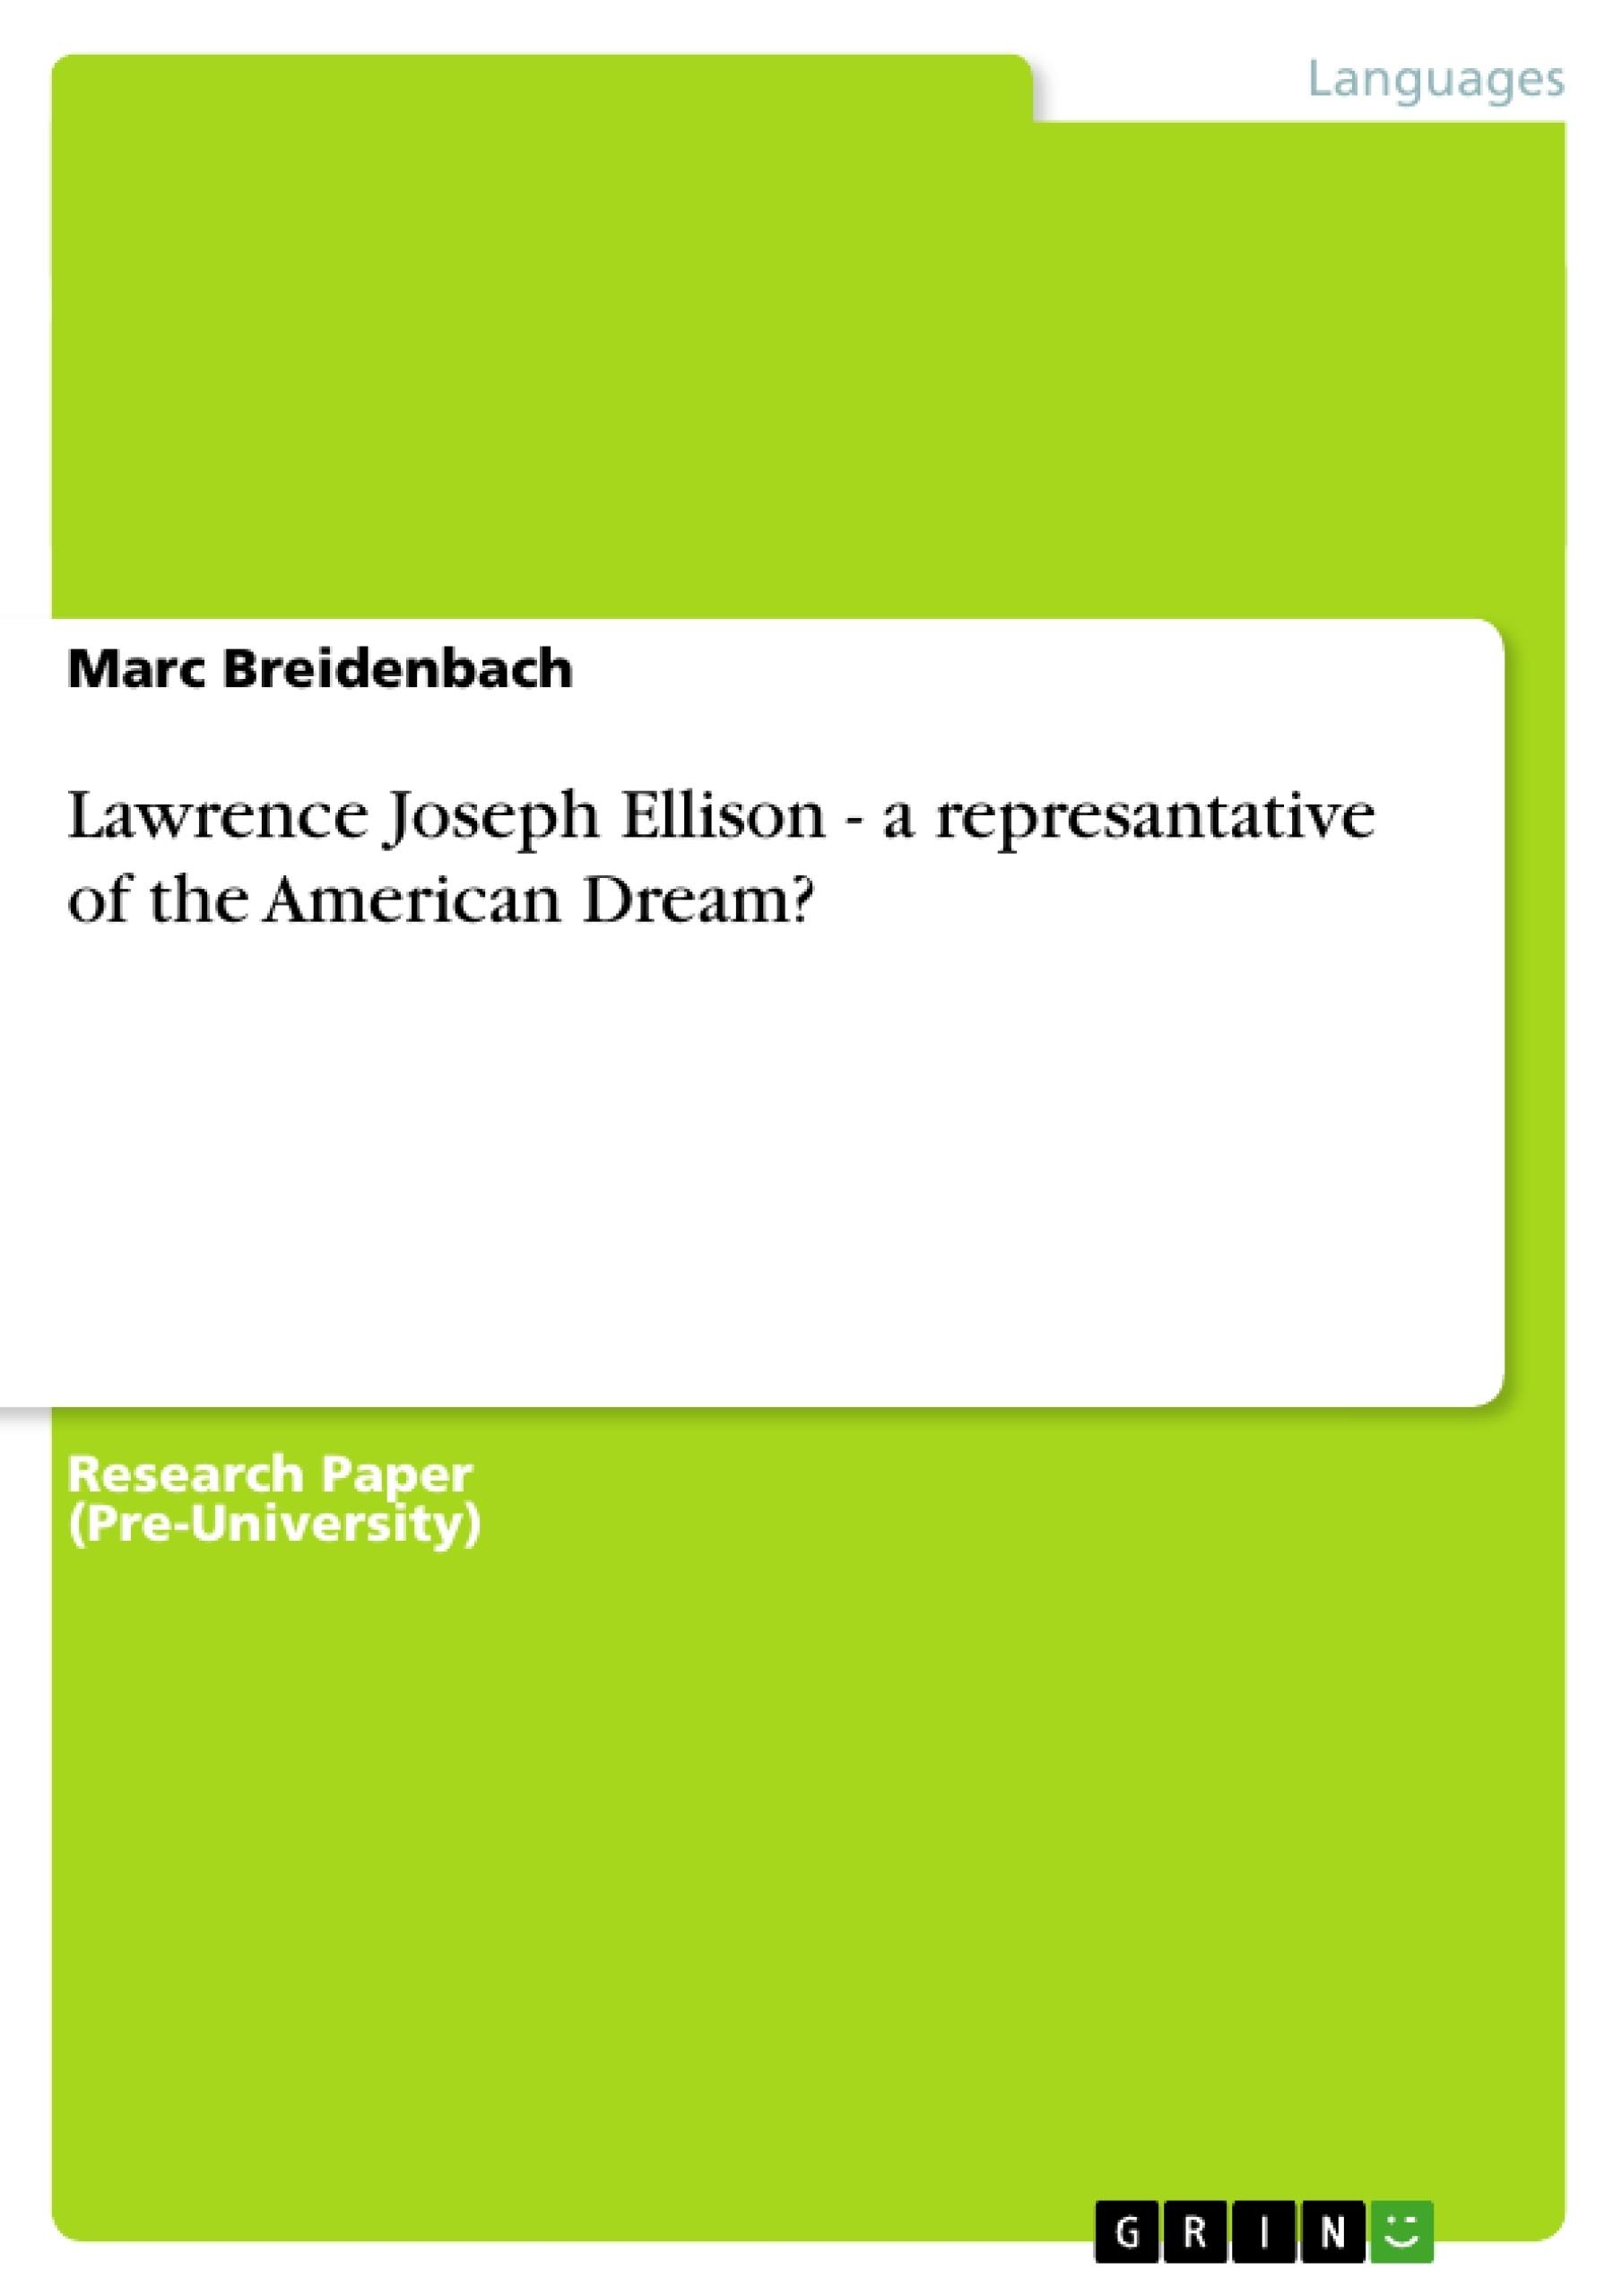 Title: Lawrence Joseph Ellison - a represantative of the American Dream?